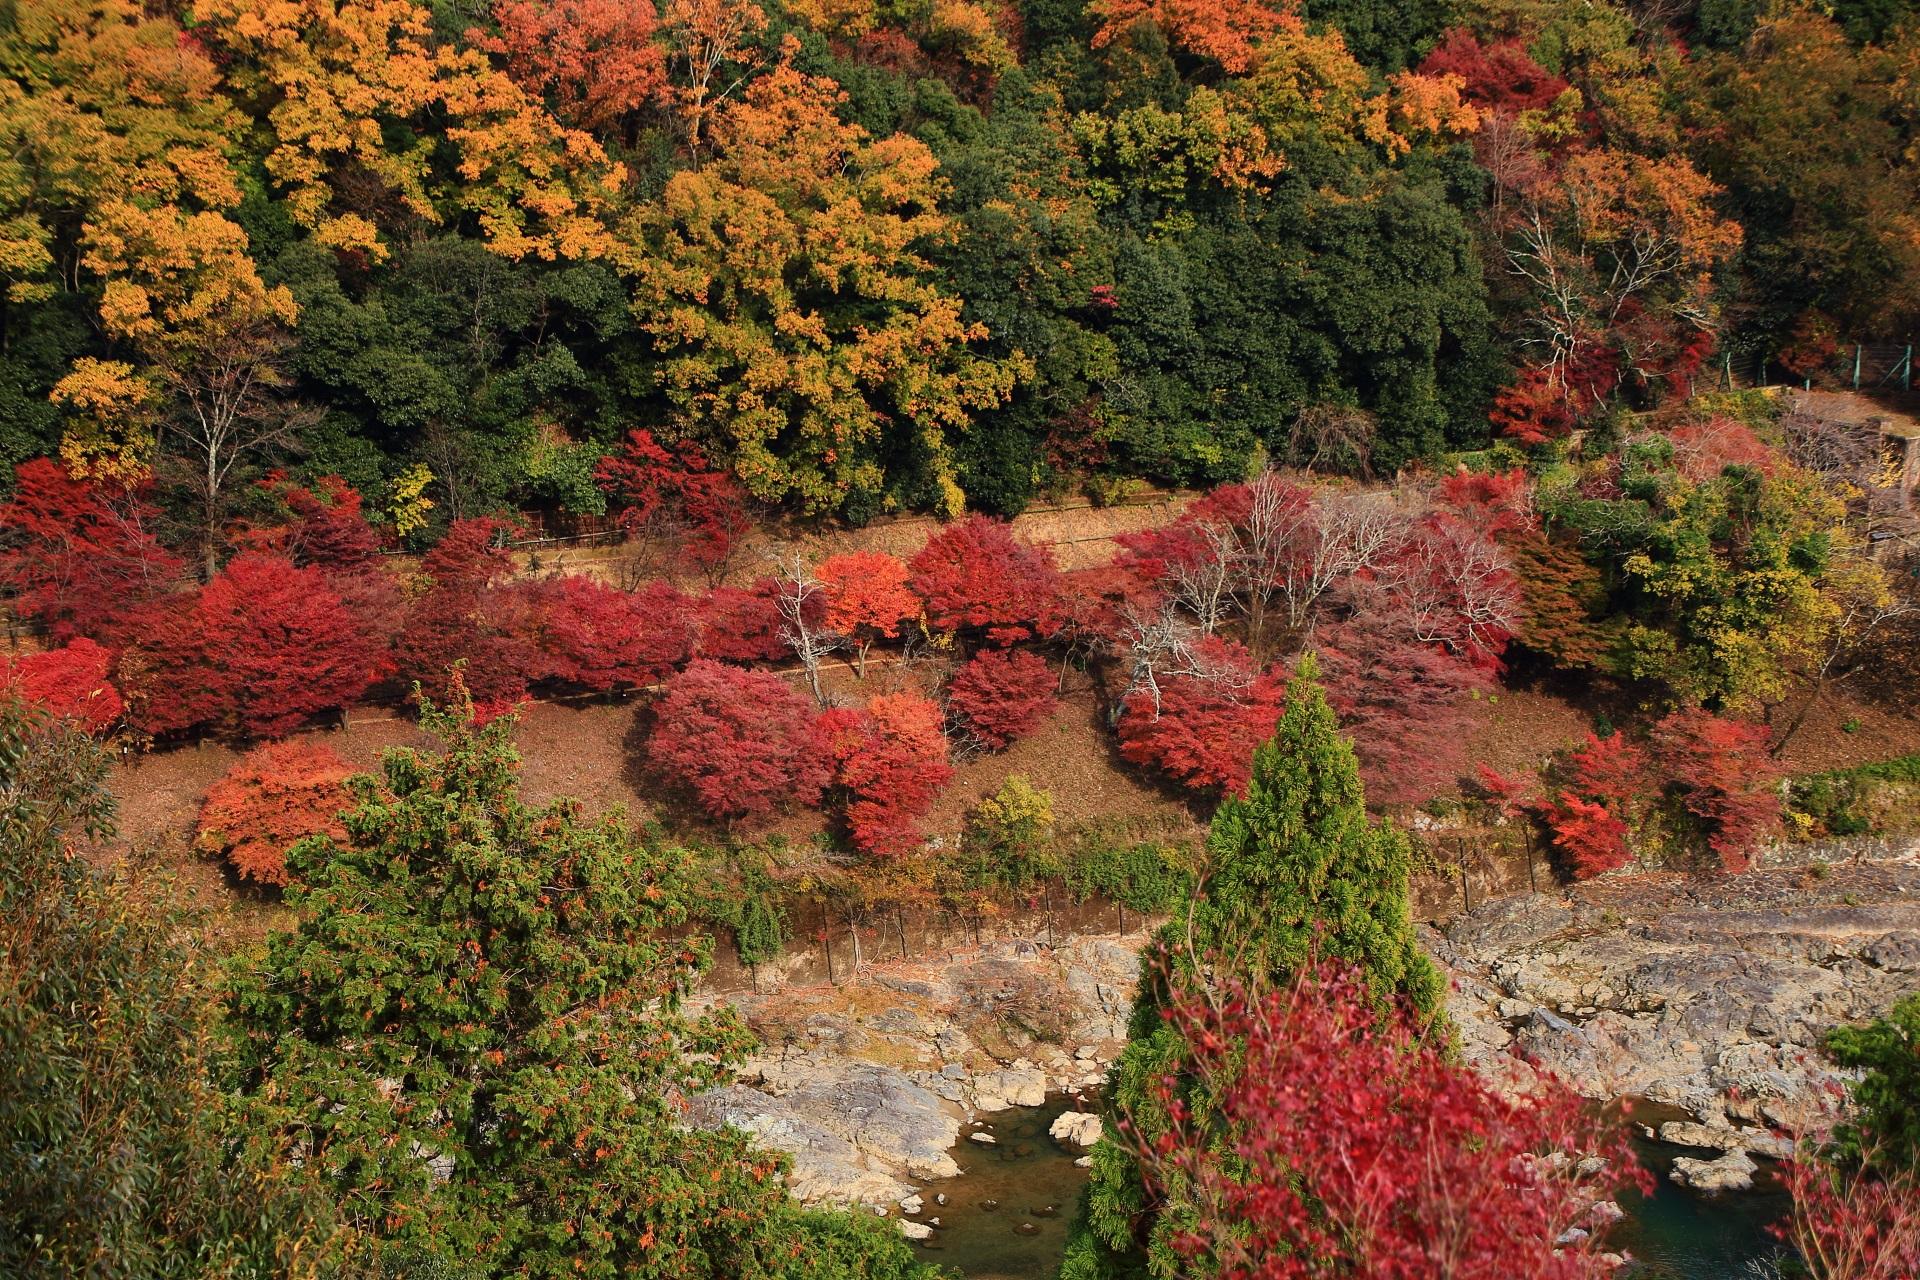 大悲閣千光寺から眺める嵐山の水辺を彩るたくさんの炎のような紅葉